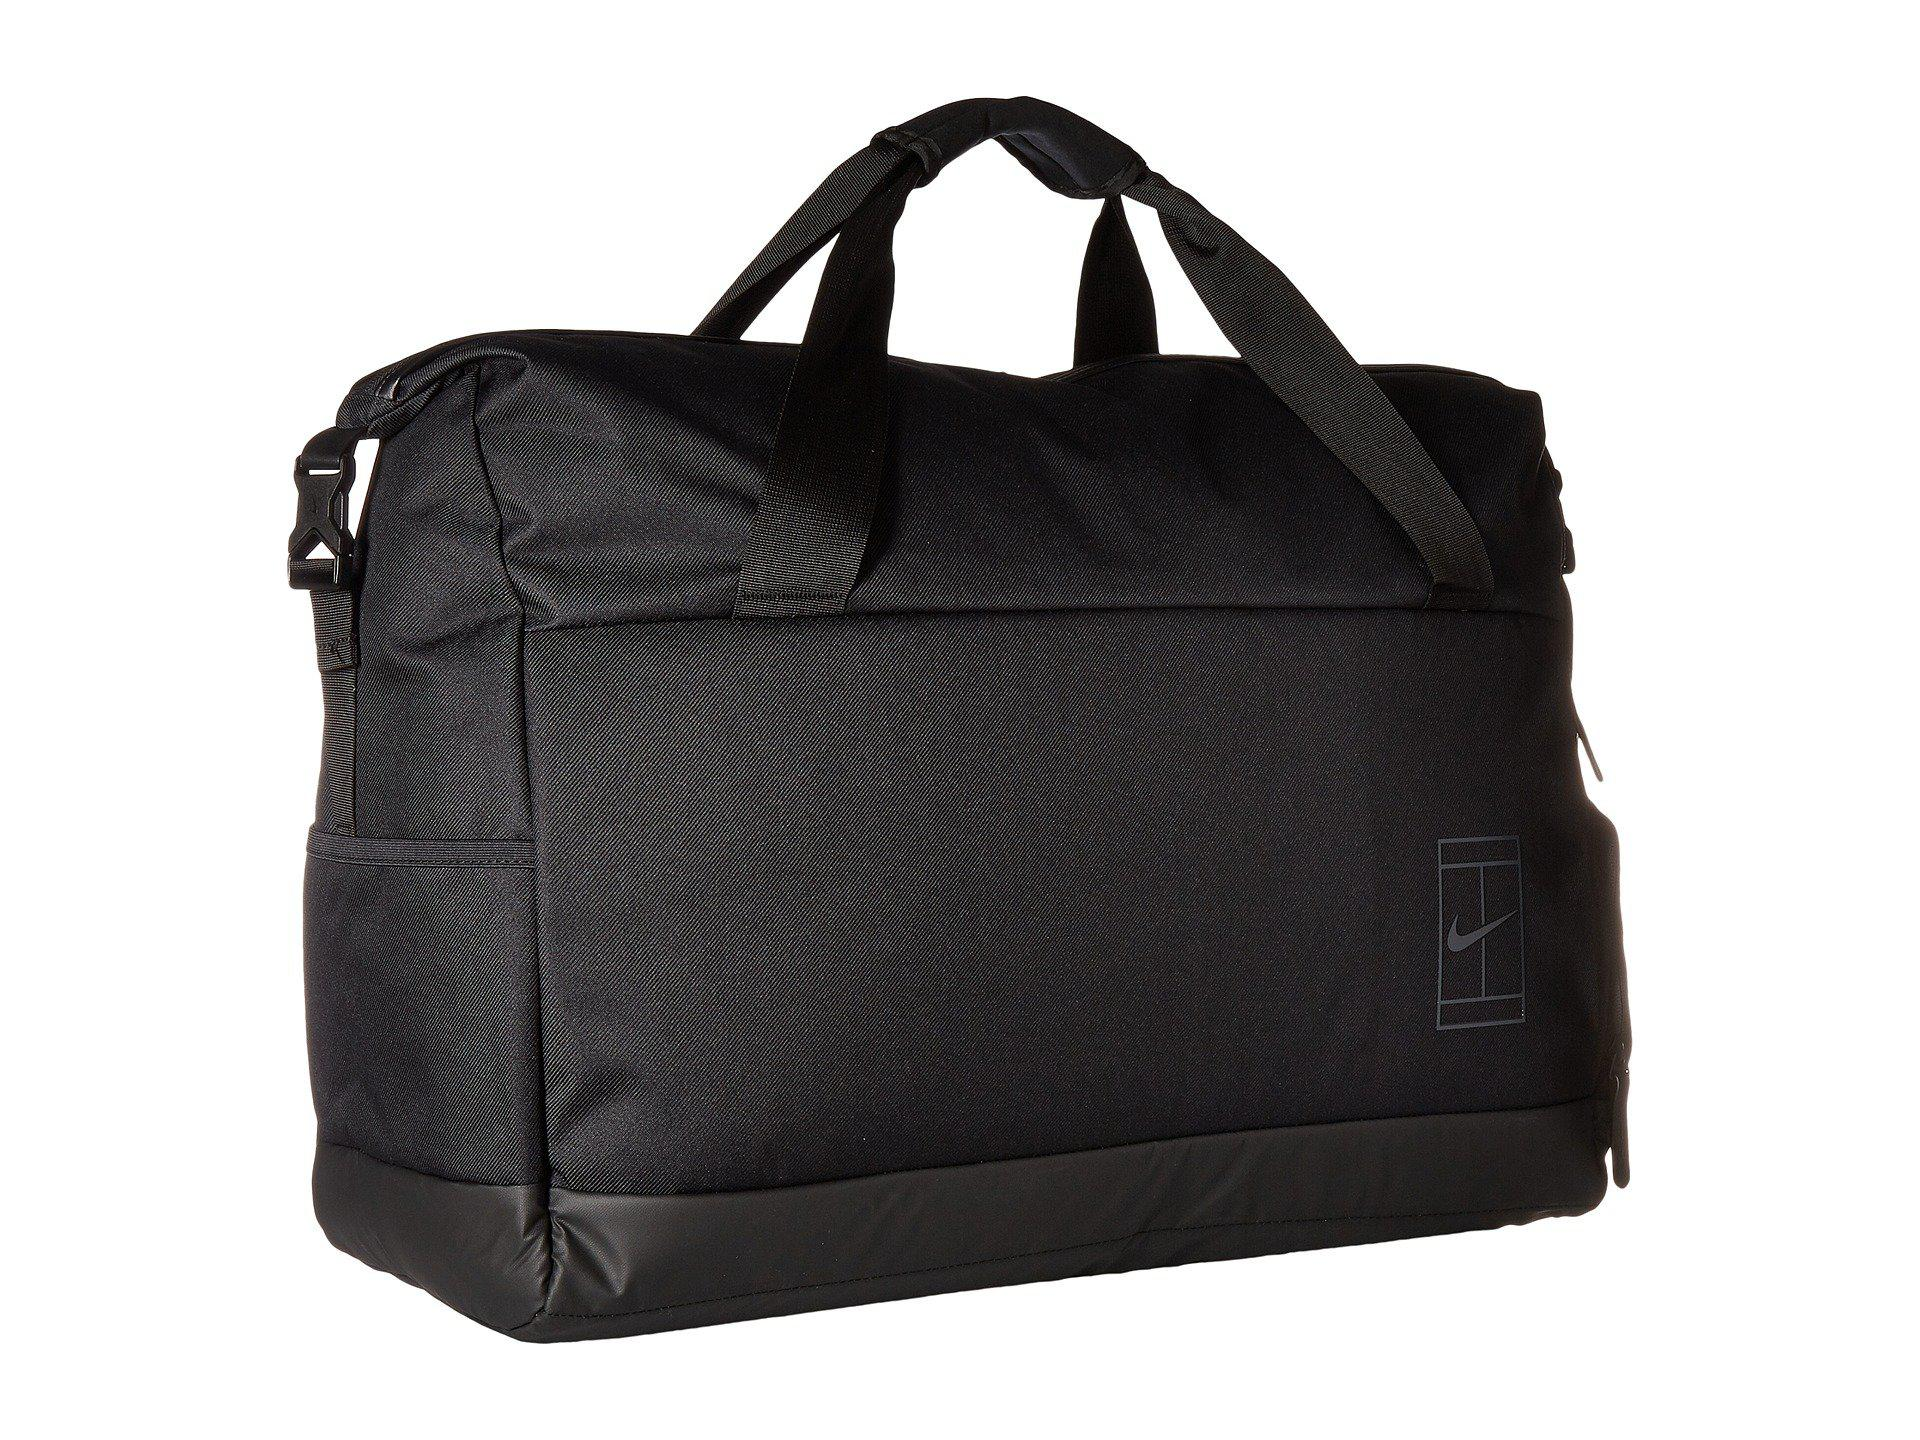 671581f5c6f3 Lyst - Nike Court Advantage Tennis Duffel Bag (black black ...